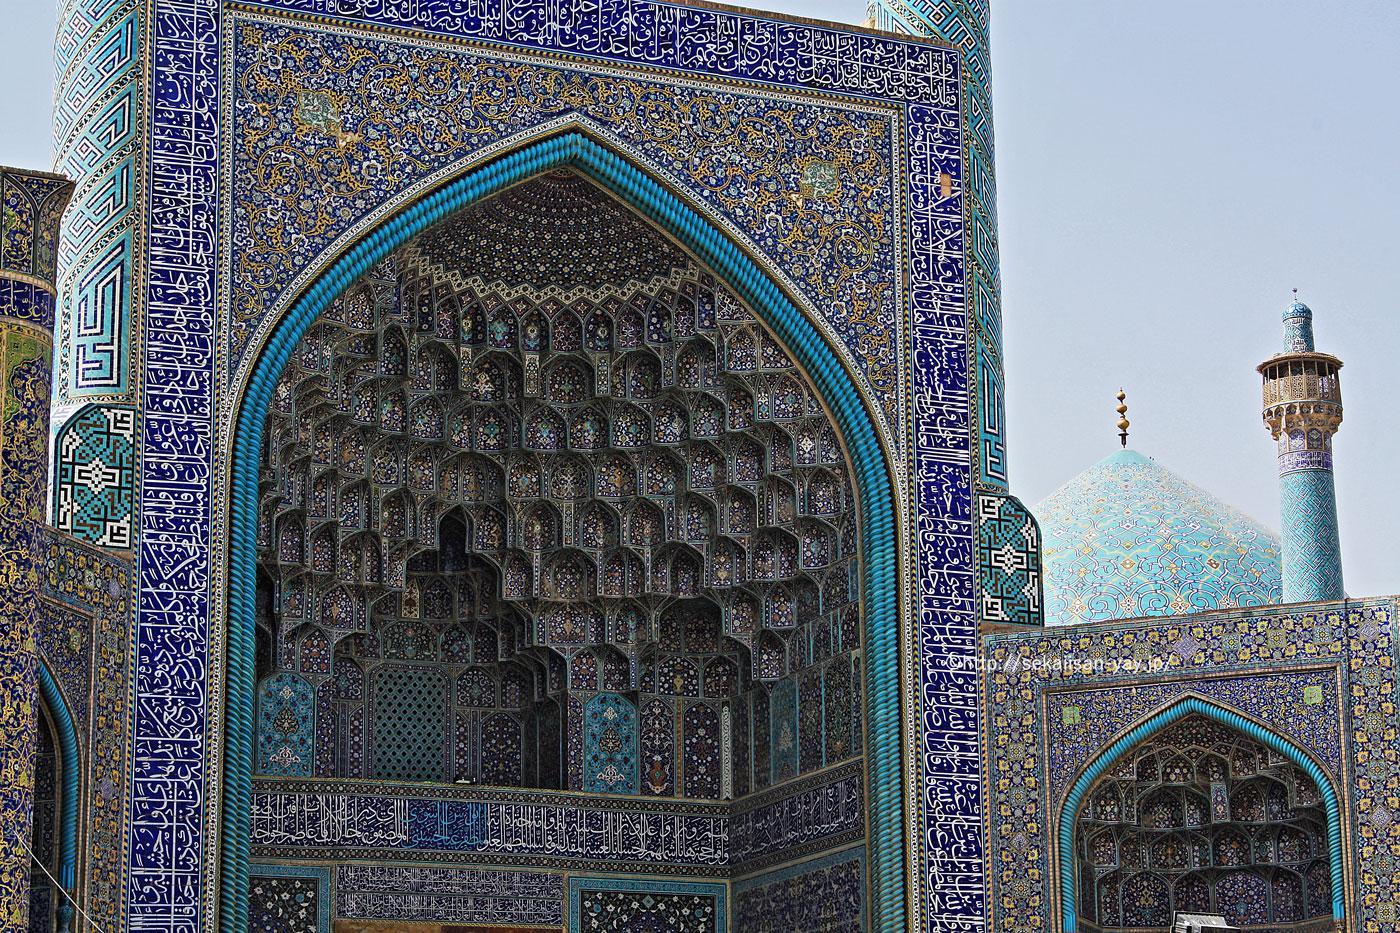 イラン世界遺産「イスファハンのイマーム広場」